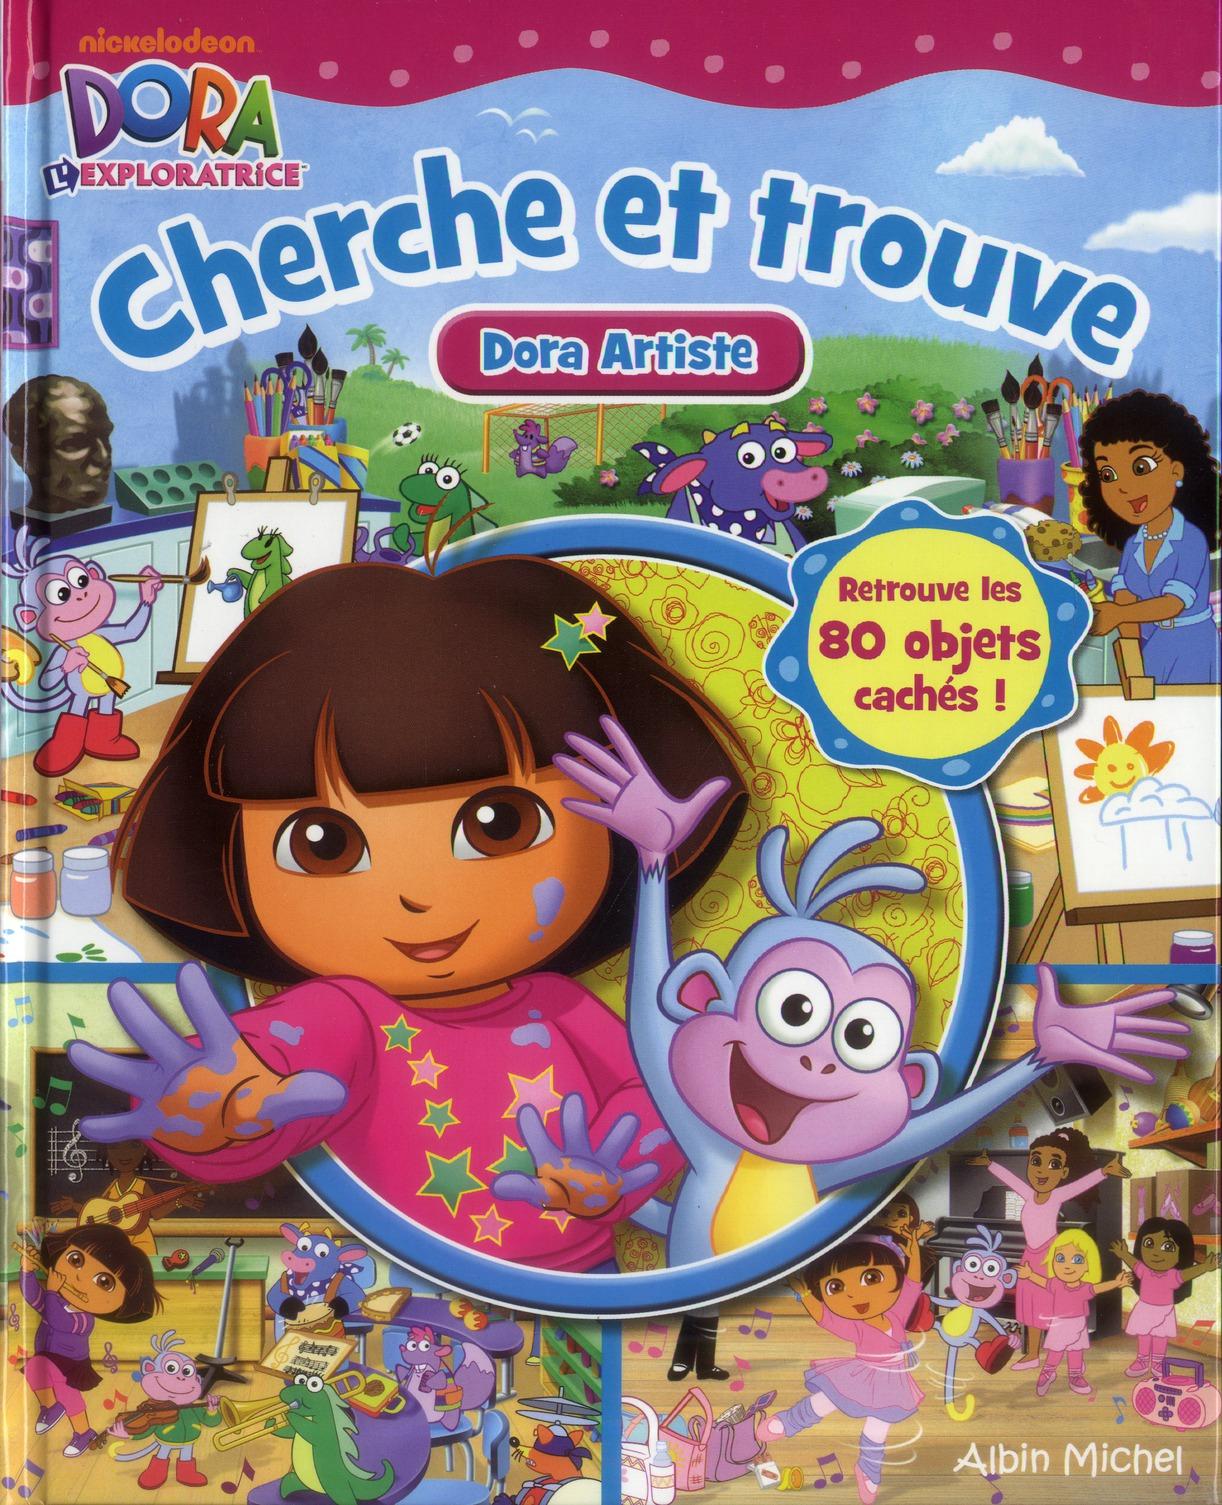 Cherche Et Trouve ; Dora Artiste